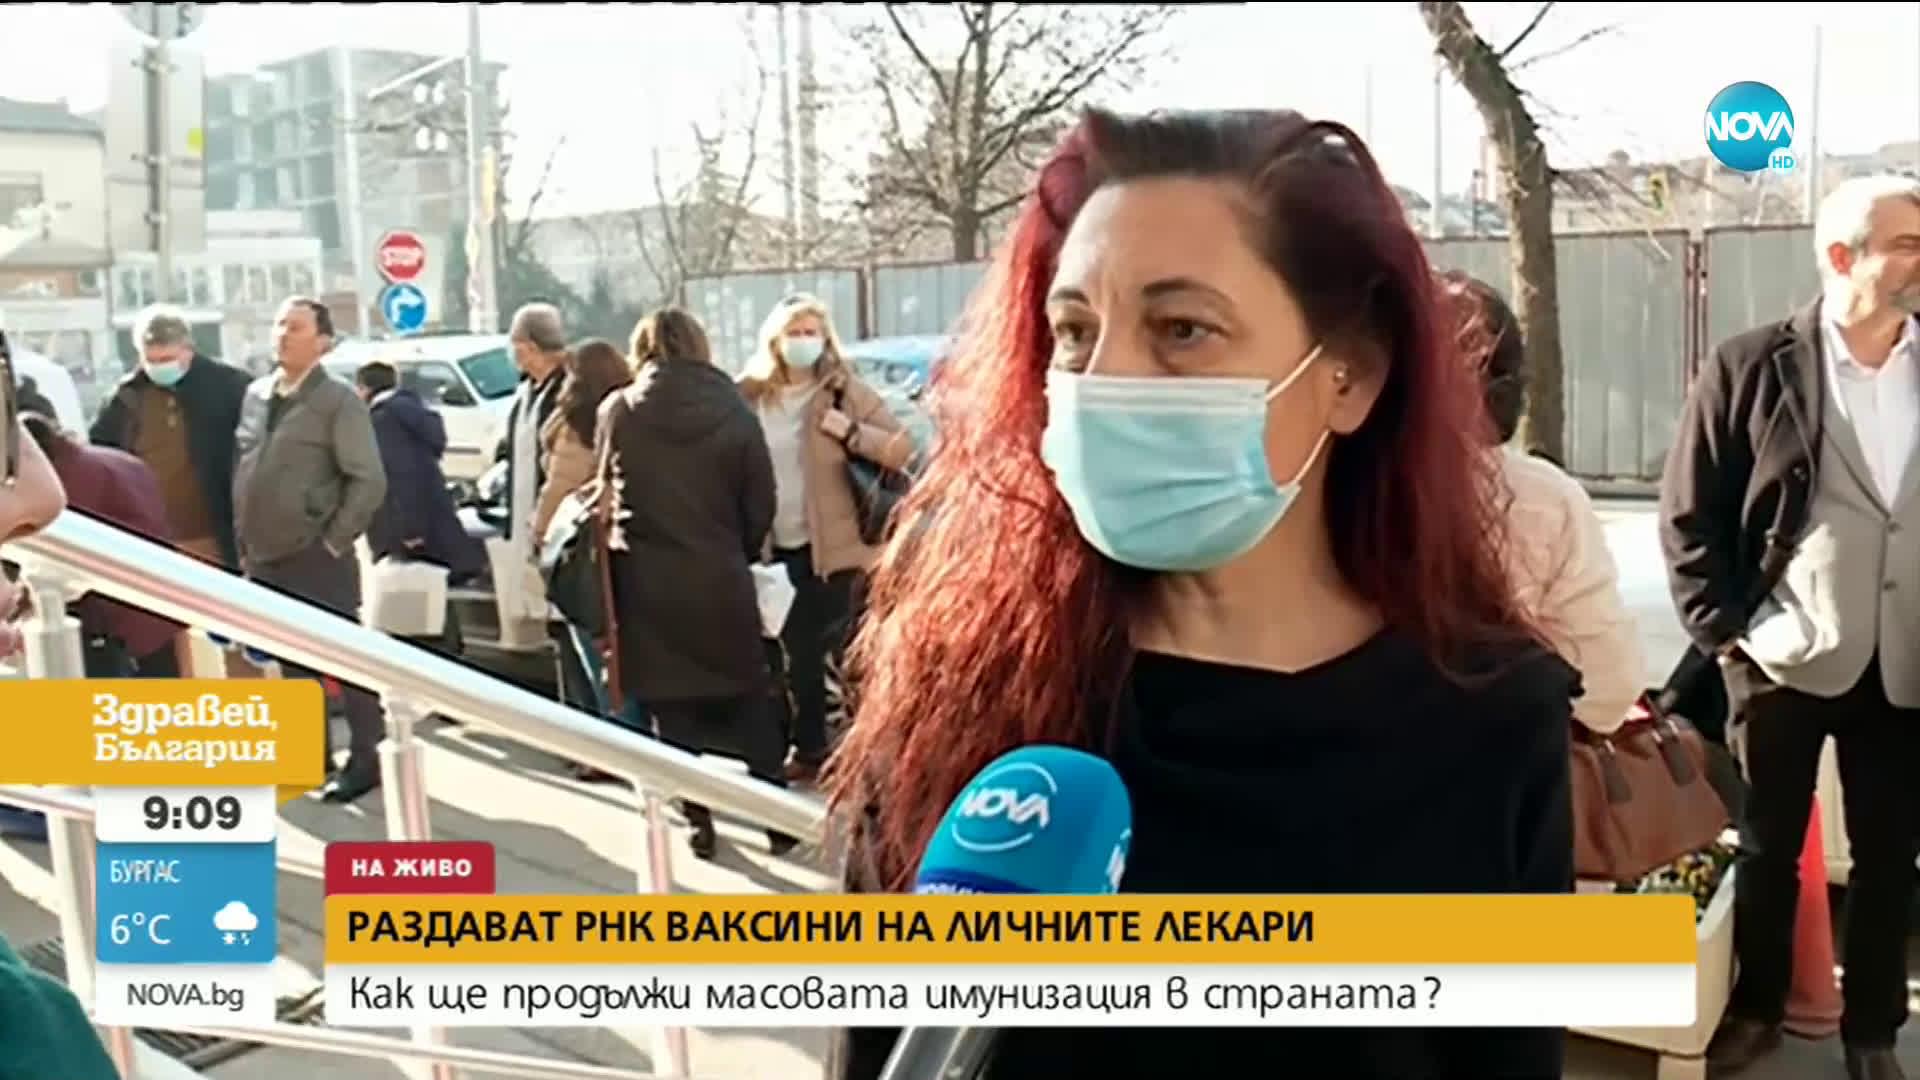 Раздават РНК ваксини на личните лекари в София